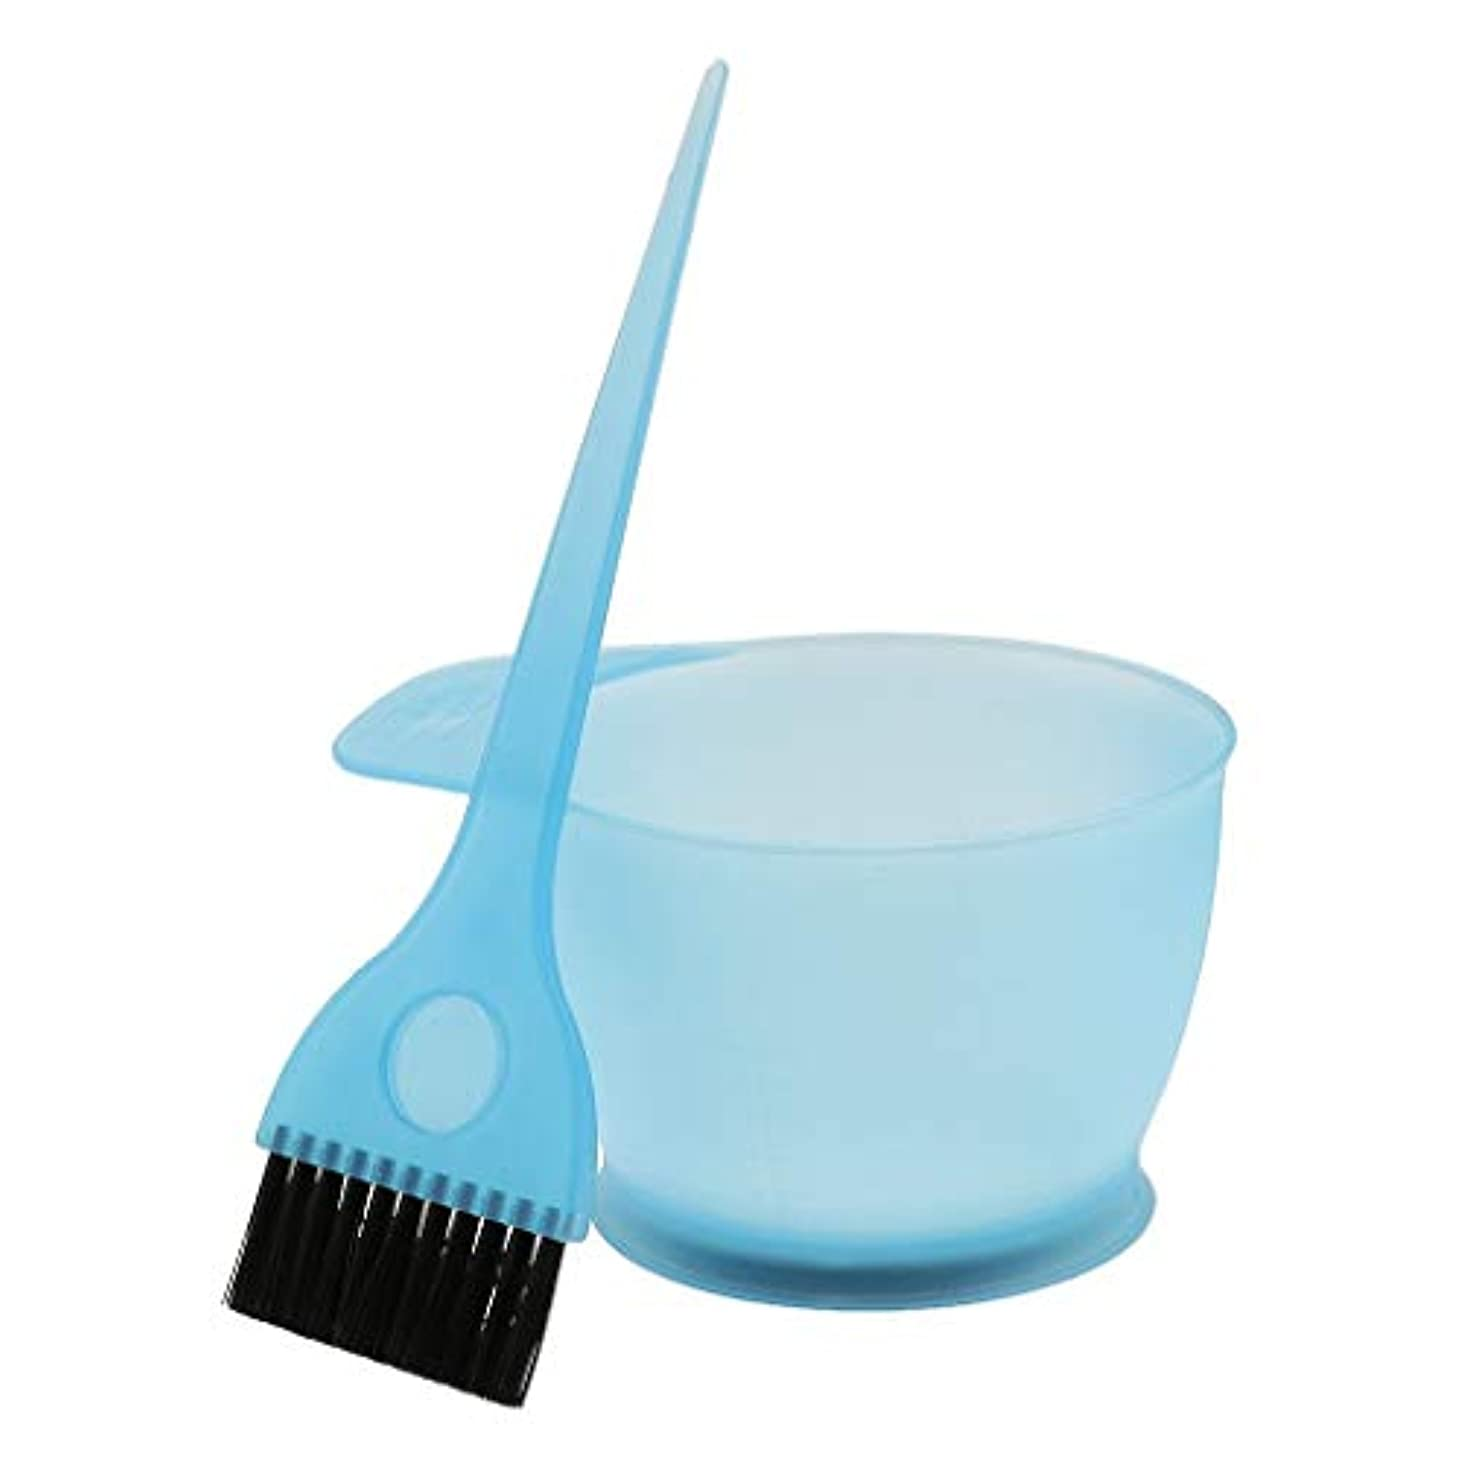 減少ハッピー内側美容院に合う髪染料ボウルブラシセット理髪色合いブリーチツール (ブルー)